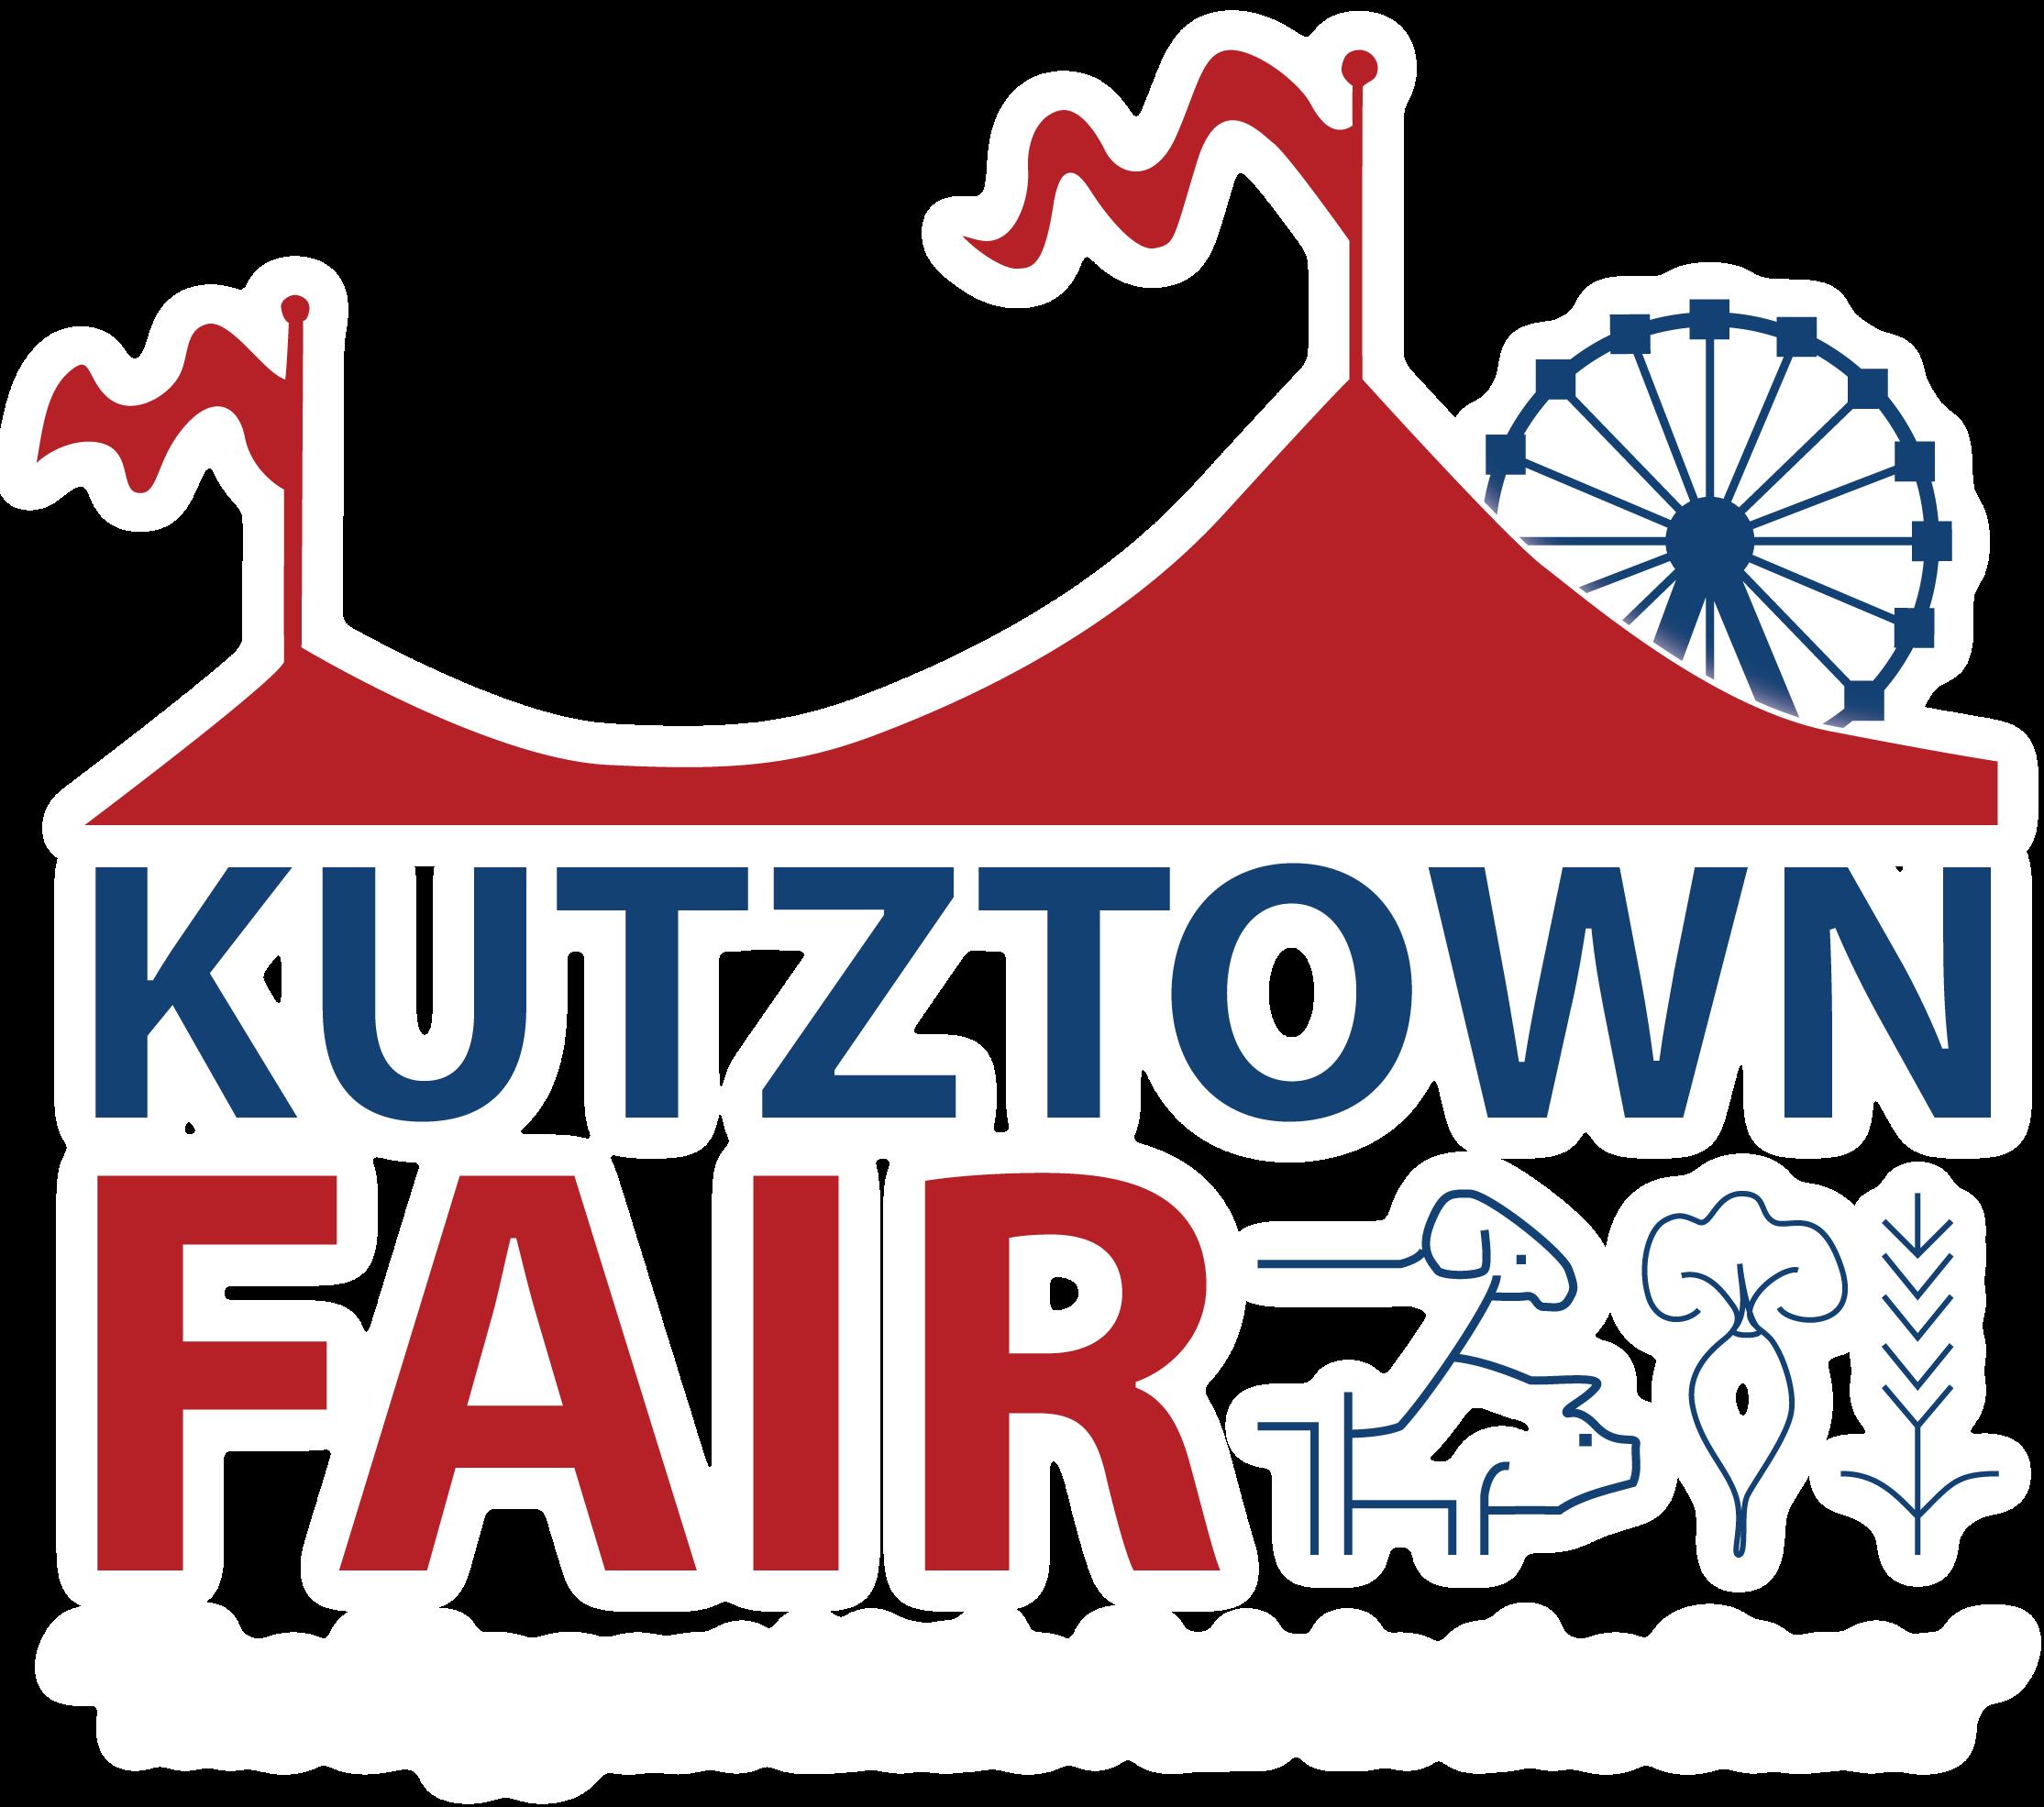 Kutztown Fair